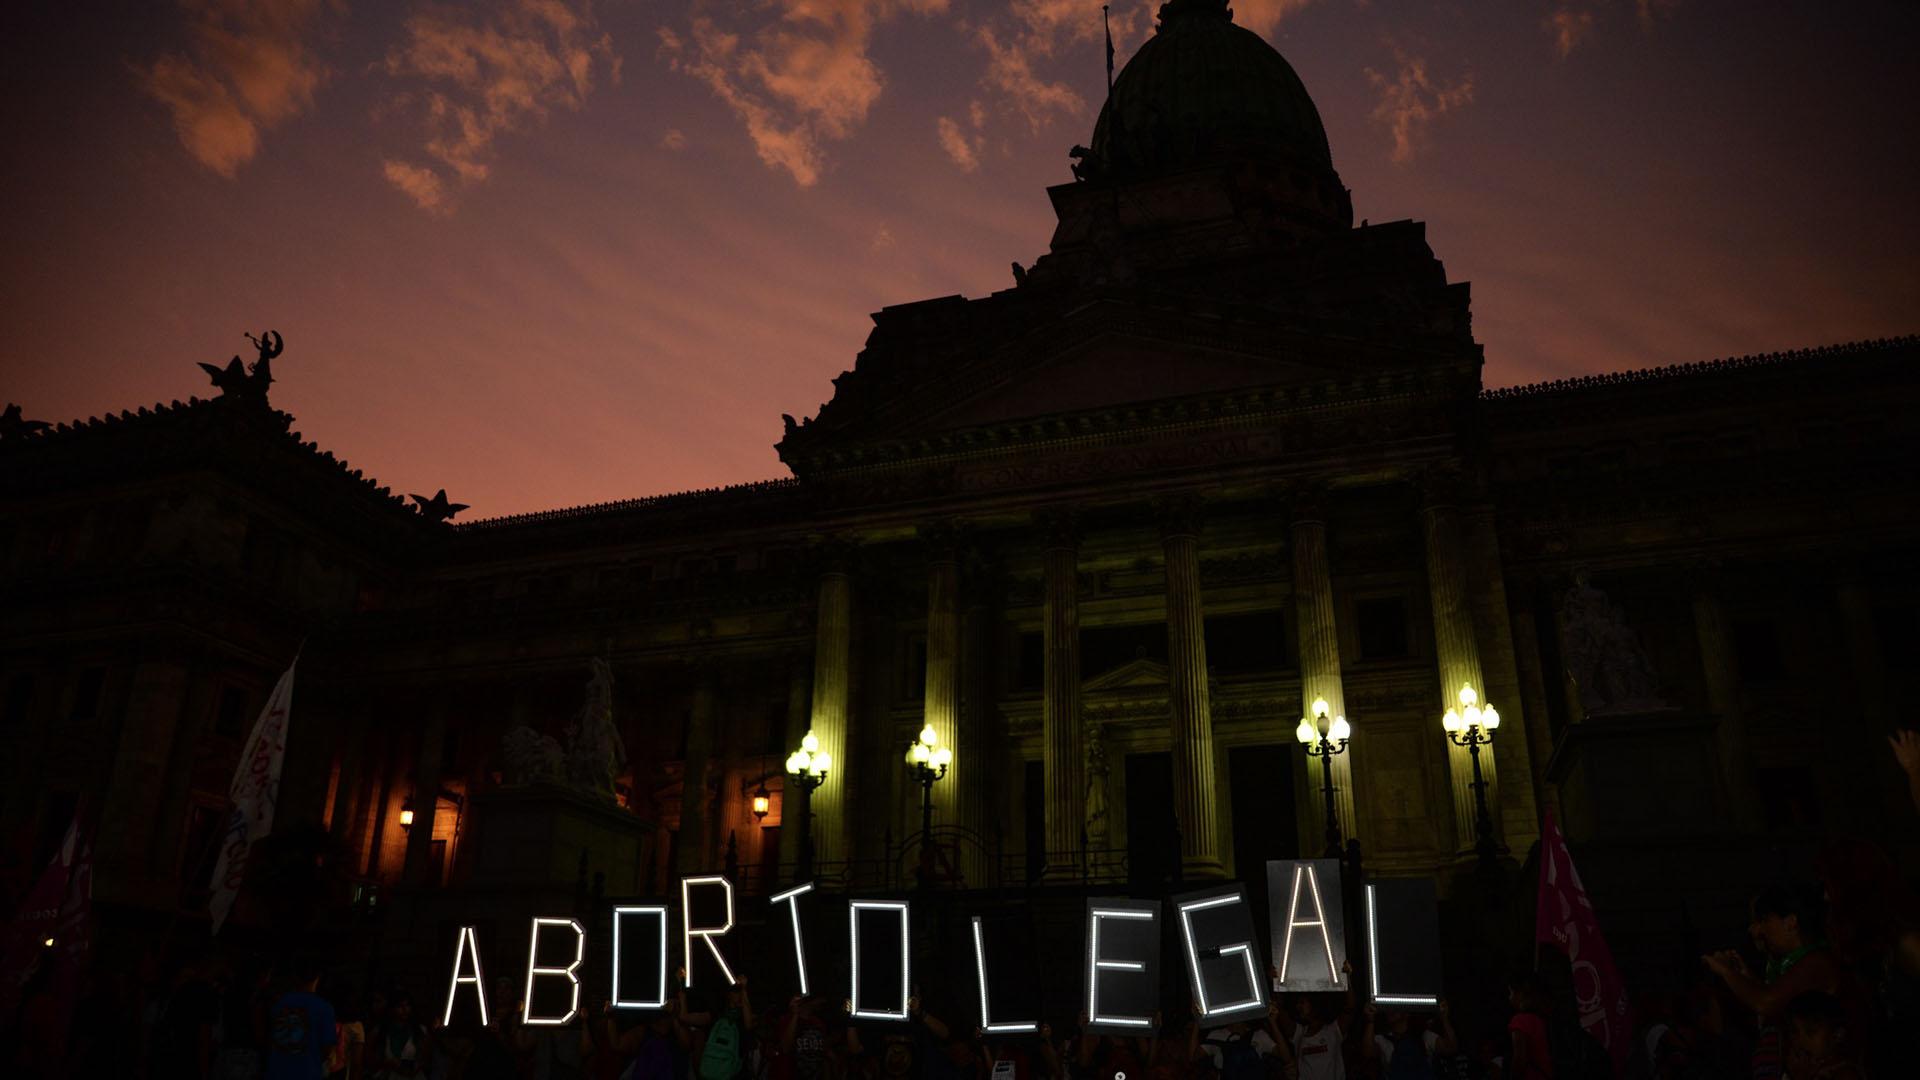 El Congreso tratará una ley para despenalizar el aborto (Foto: Julieta Ferrario)